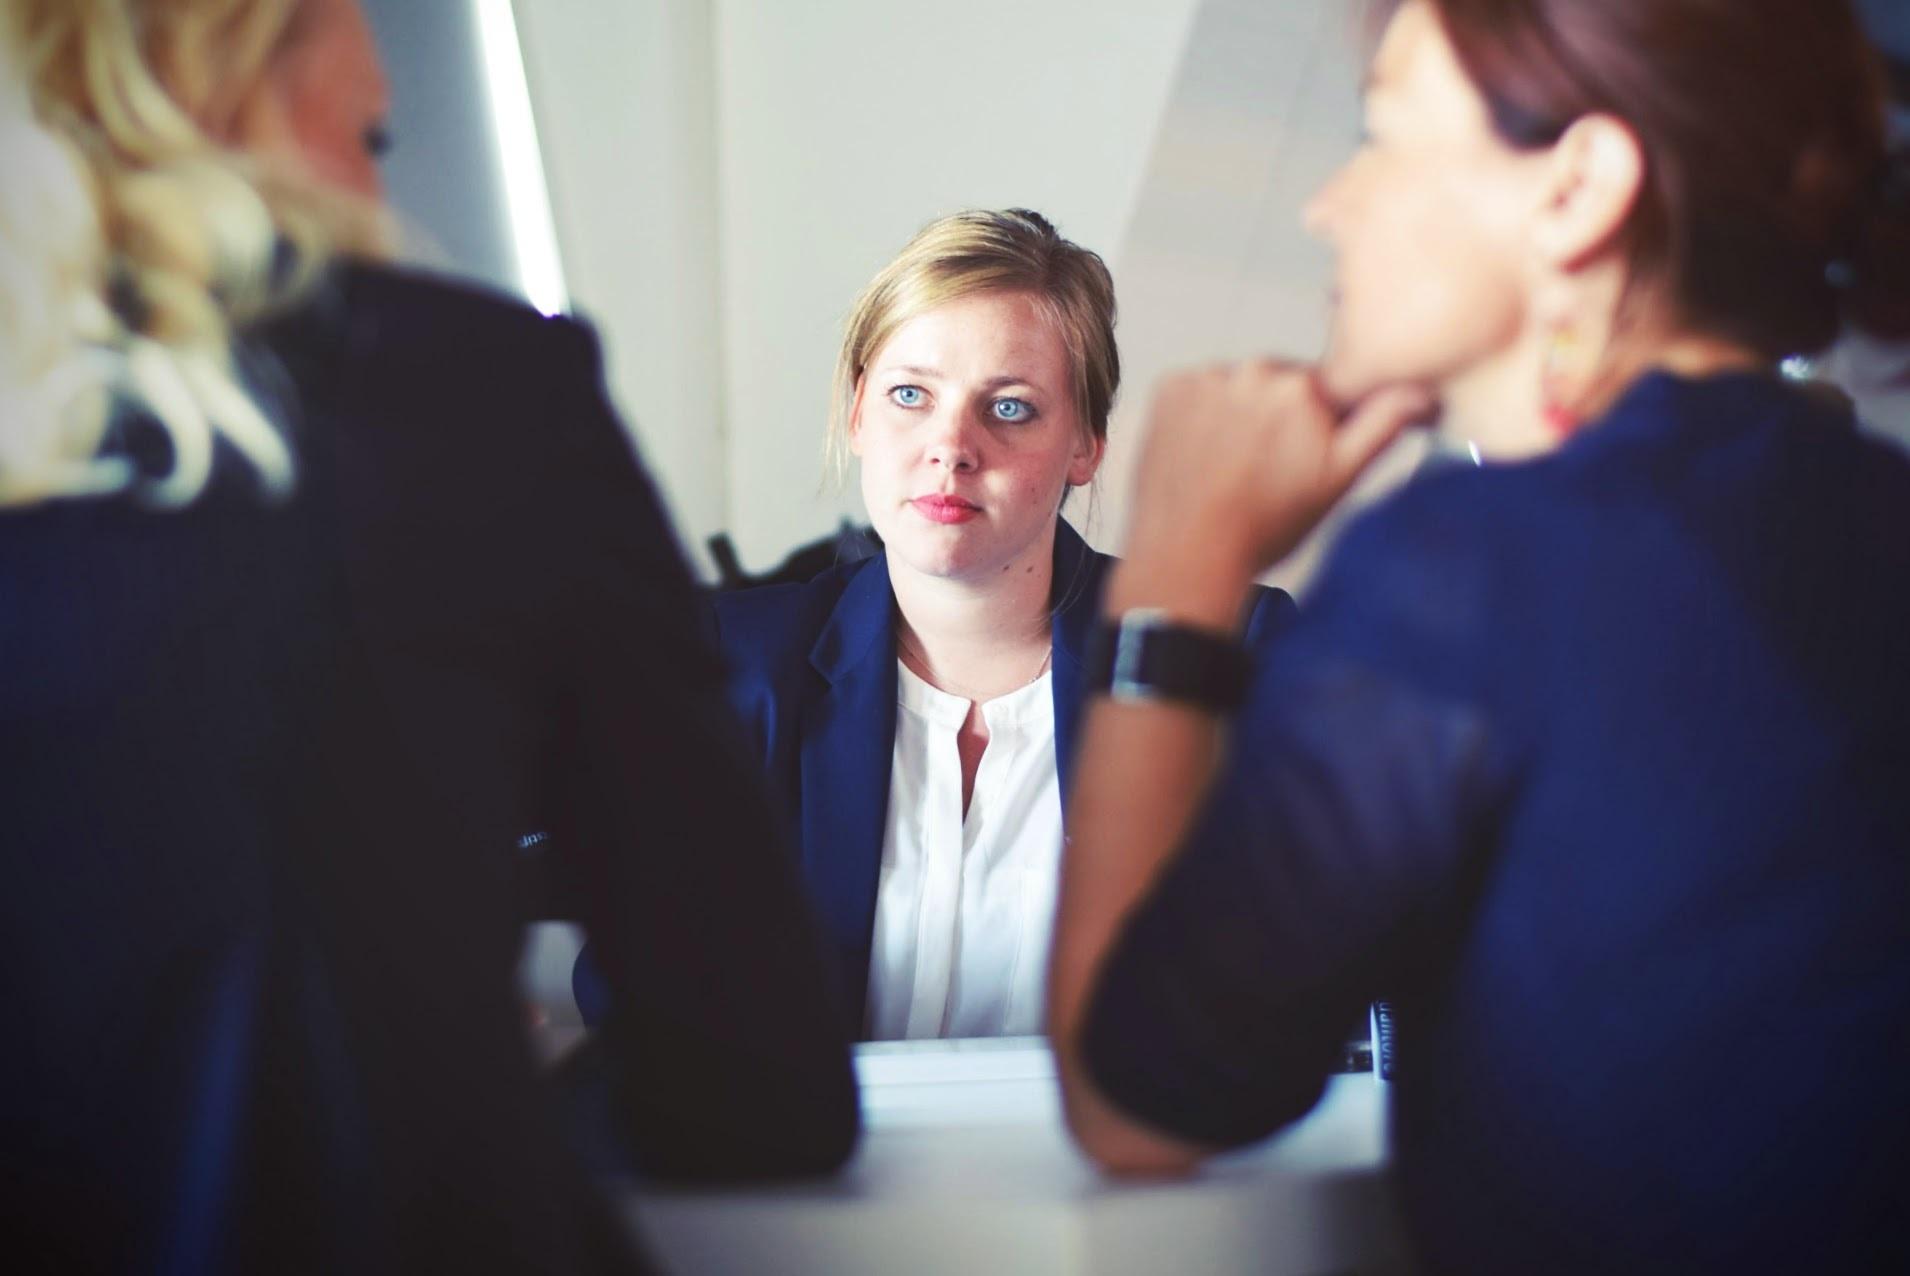 Le sexe n'est pas une variable pertinente pour différencier le style de management.